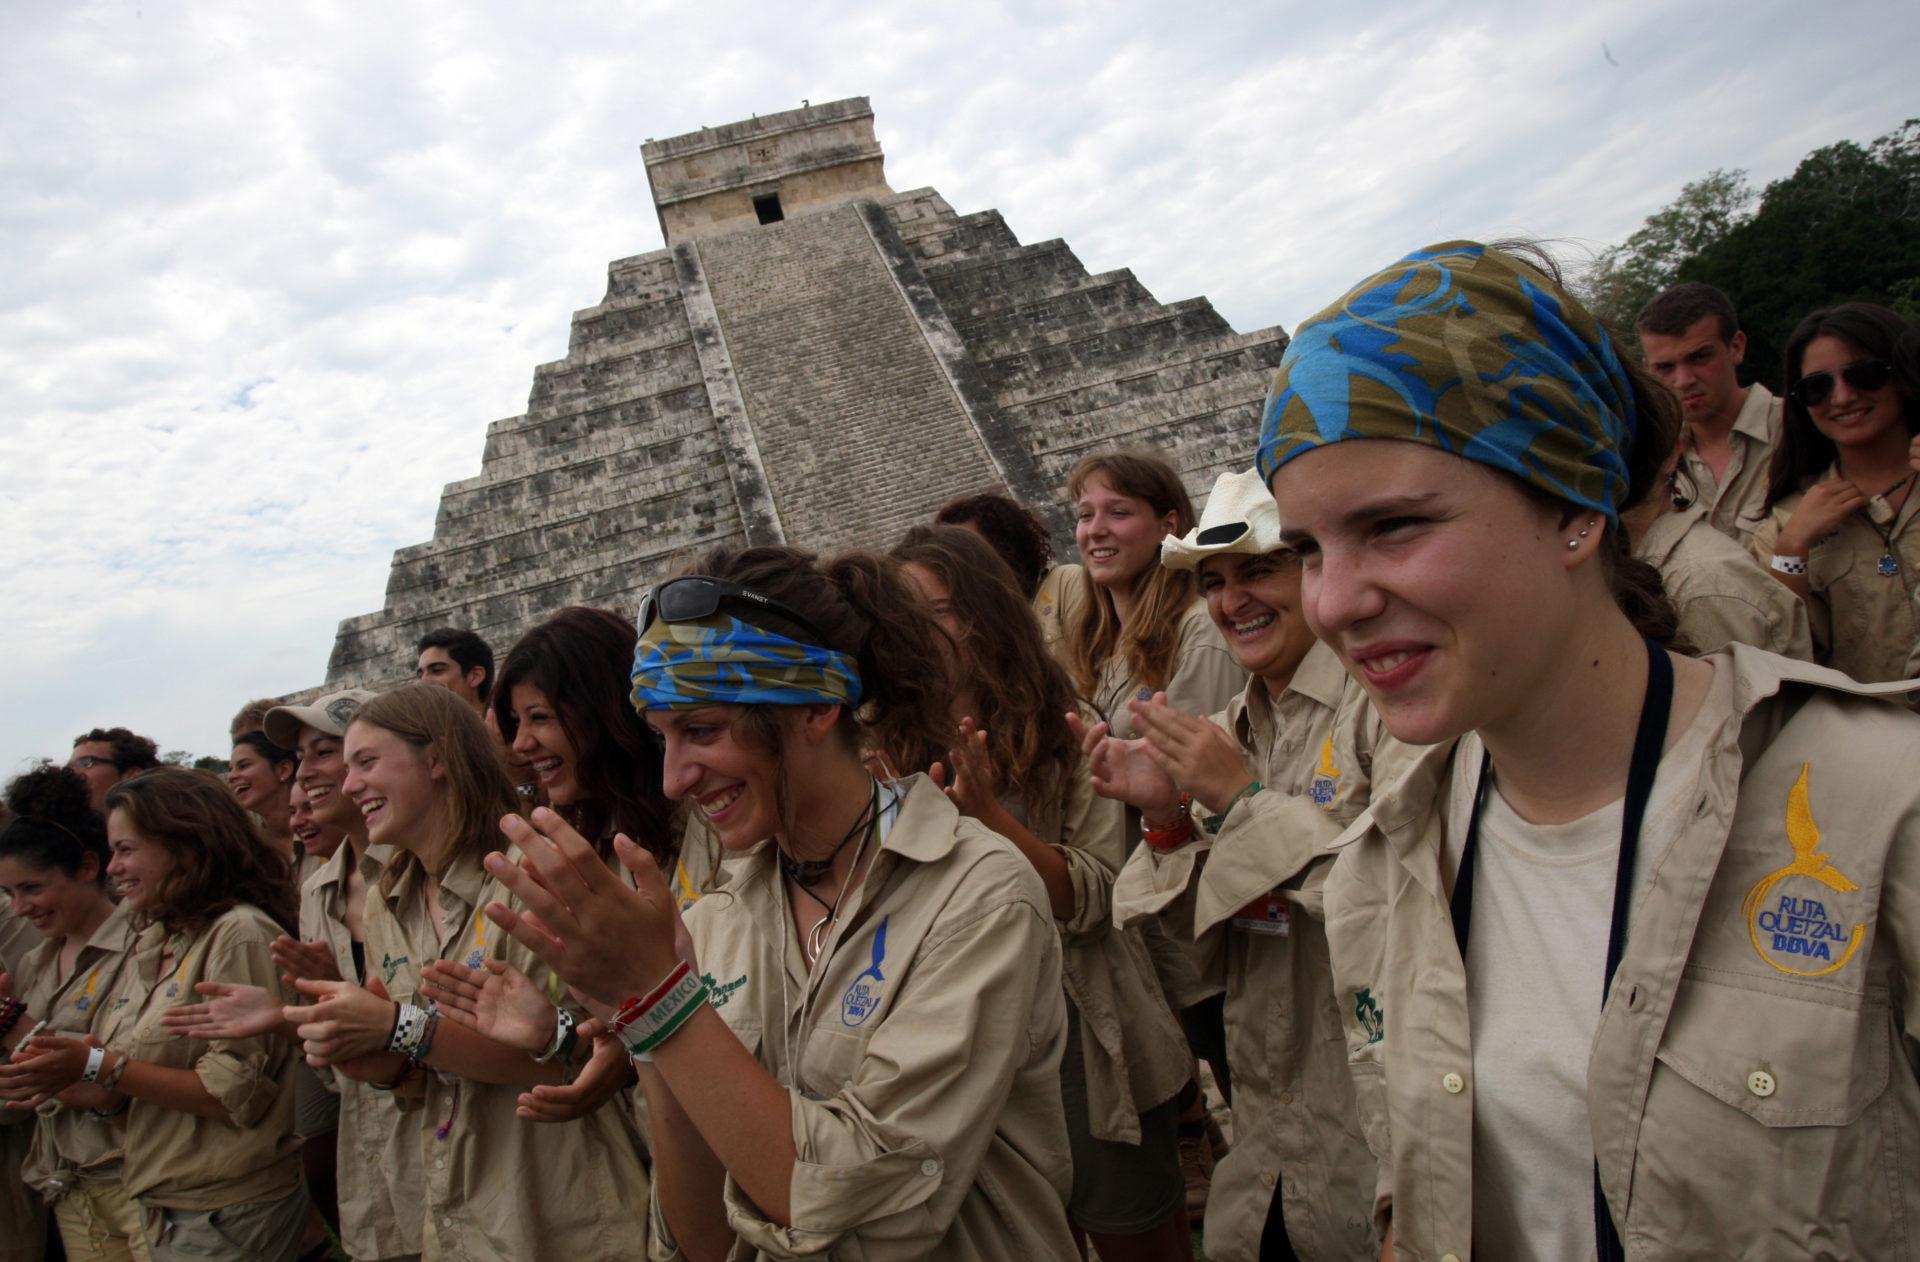 Fotografía: Expedición 2010: El Misterio de los Caminos Blancos Mayas (Chichén Itzá, México)